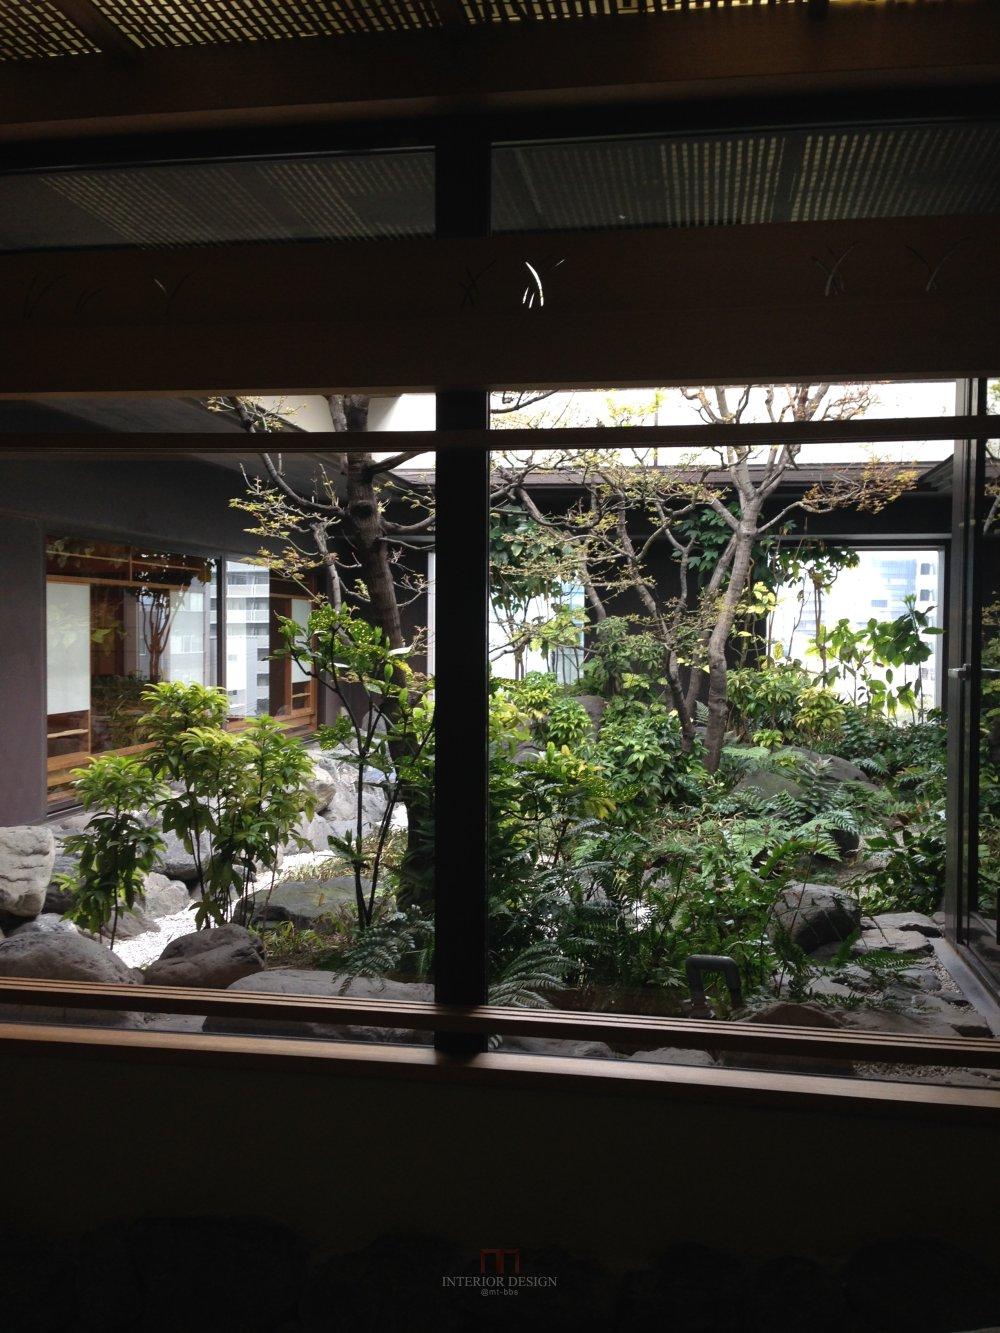 #伙伴一起看日本#  日本设计考察分享(更新美秀美术馆)_IMG_4741.JPG